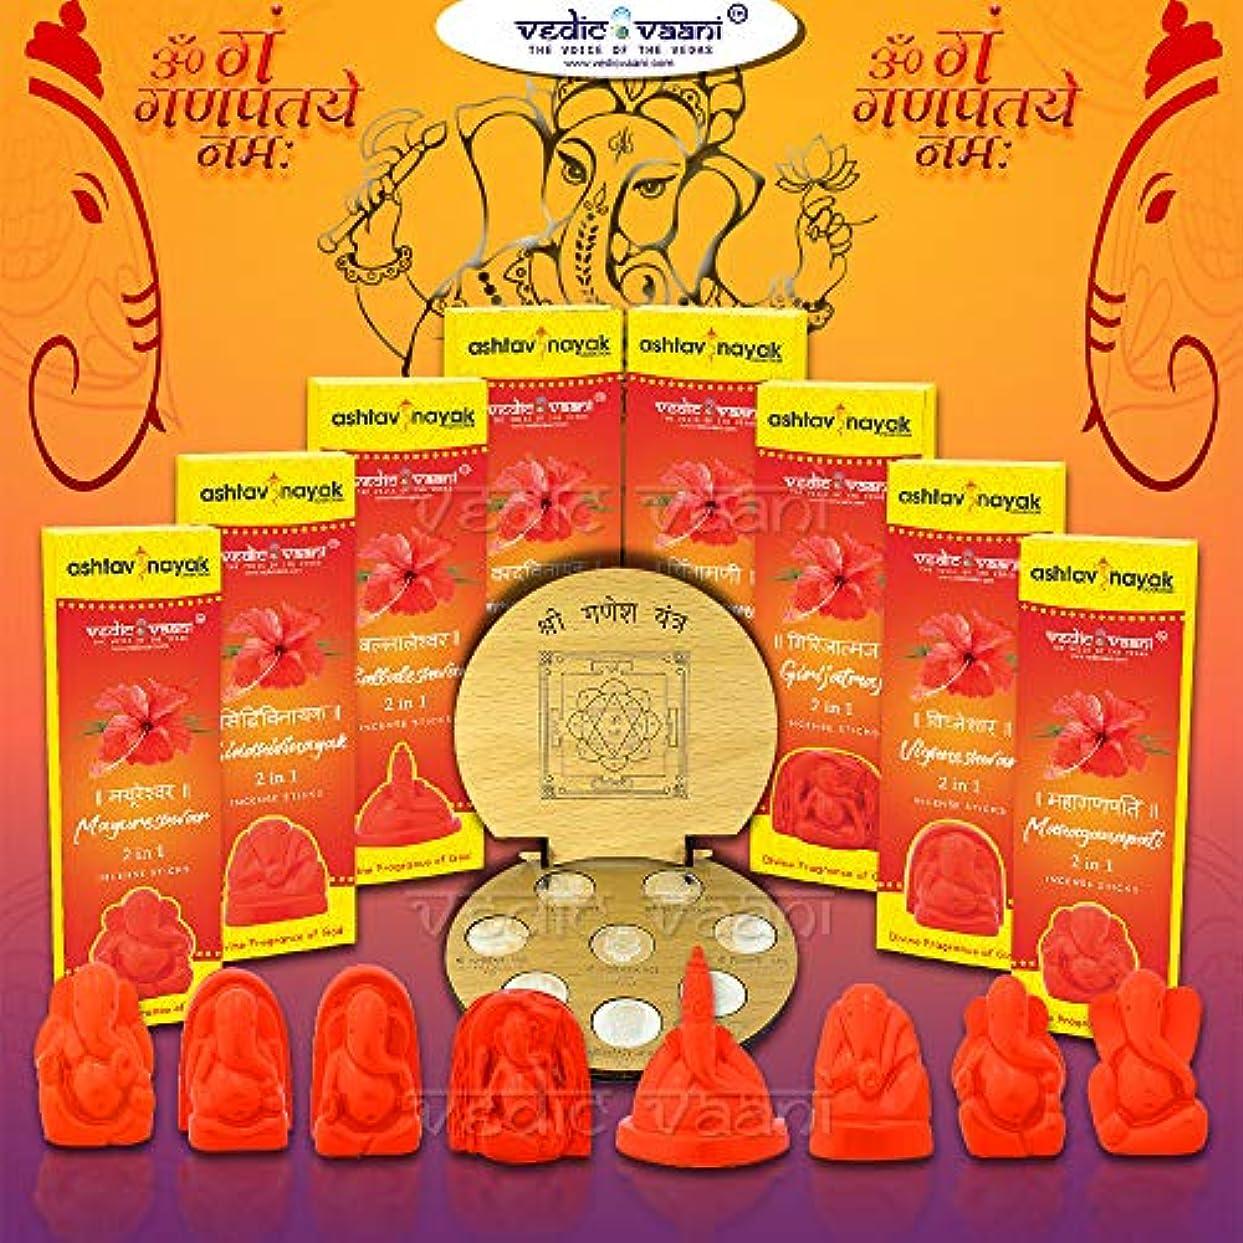 屈辱する繊維であるVedic Vaani Shree Ashtavinayak Darshan Yantra with Ashtavinayak Darshan Set & Ganesh Festival お香セット (各100GM)